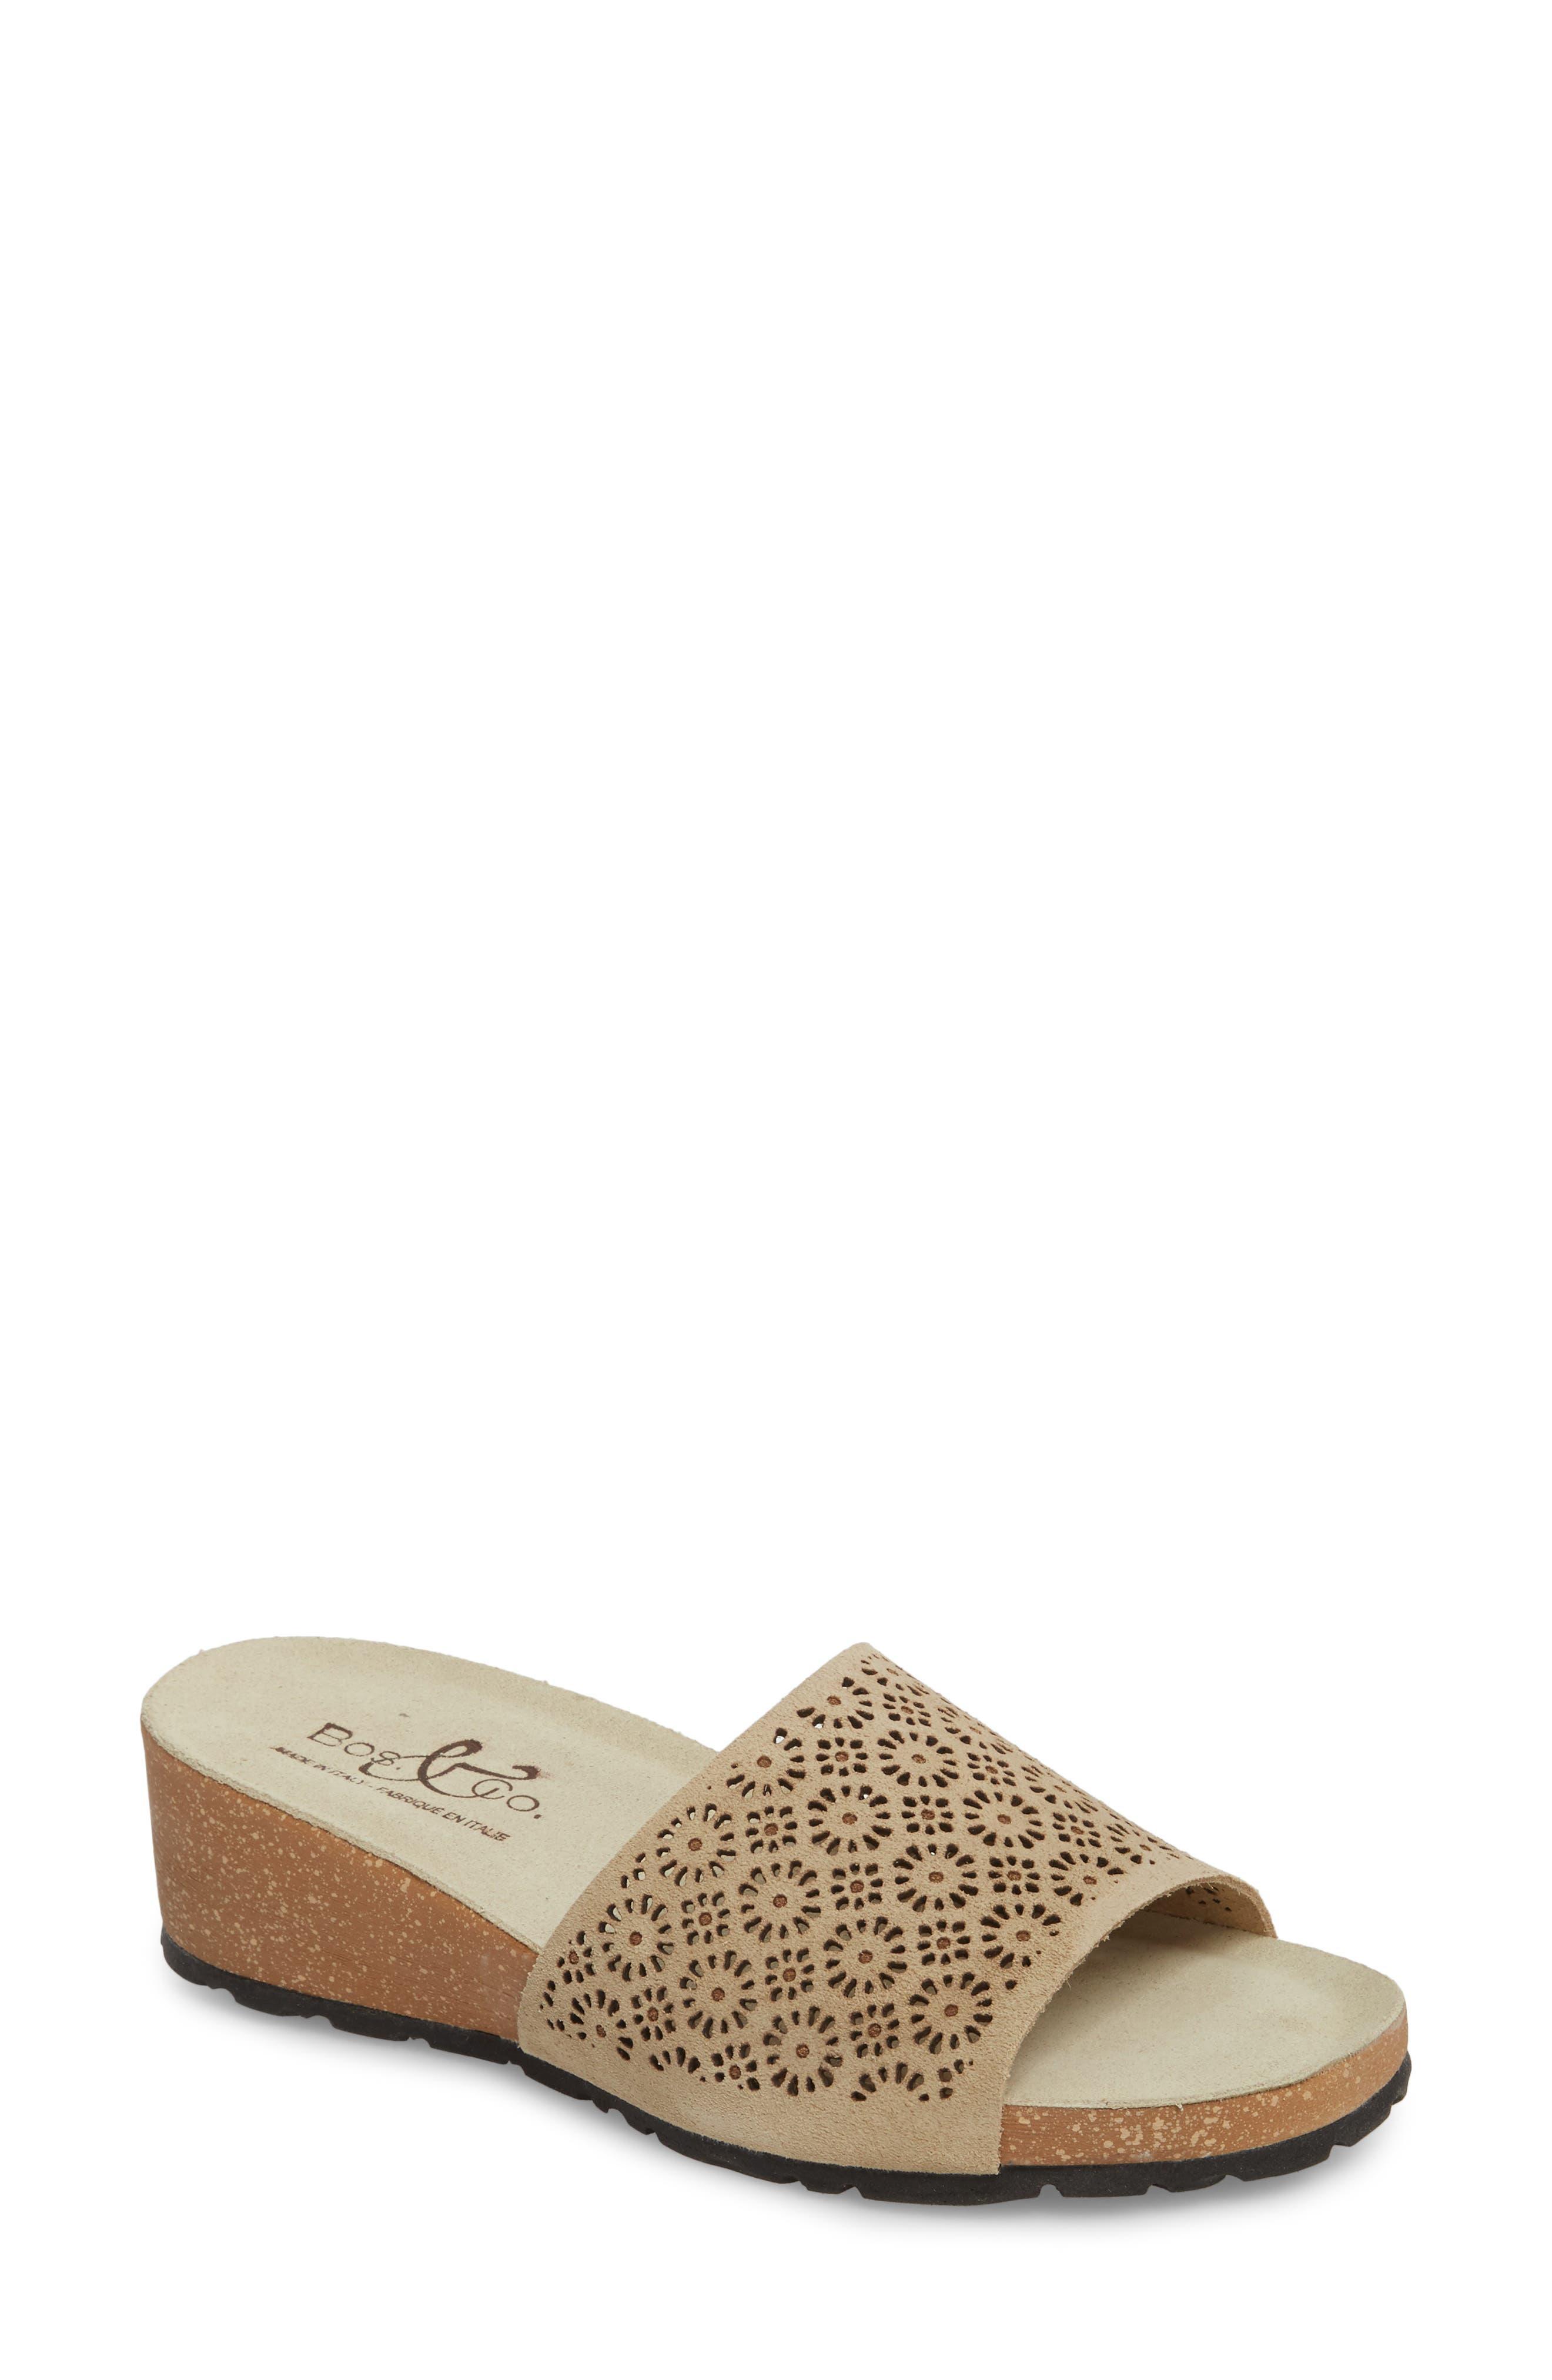 Bos. & Co. Loa Wedge Slide Sandal (Women)